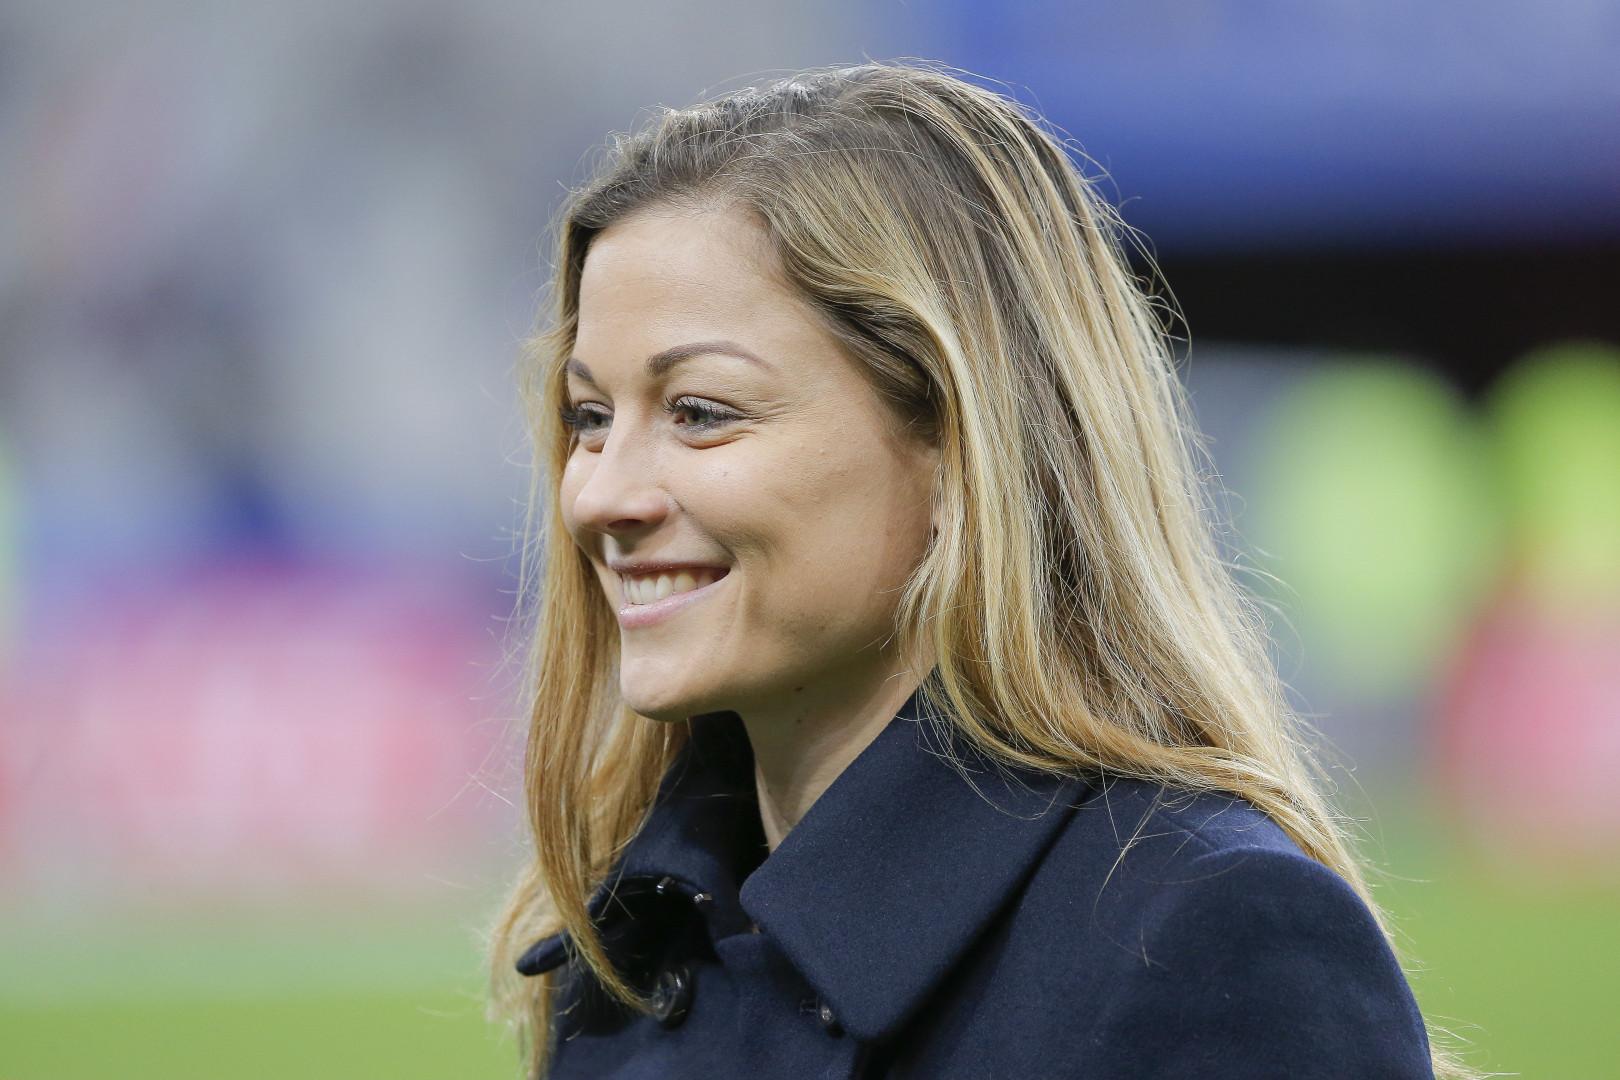 Laure Boulleau est joueuse de football pro au PSG. Suivez-la ici : Instagram / laureboulleauofficiel